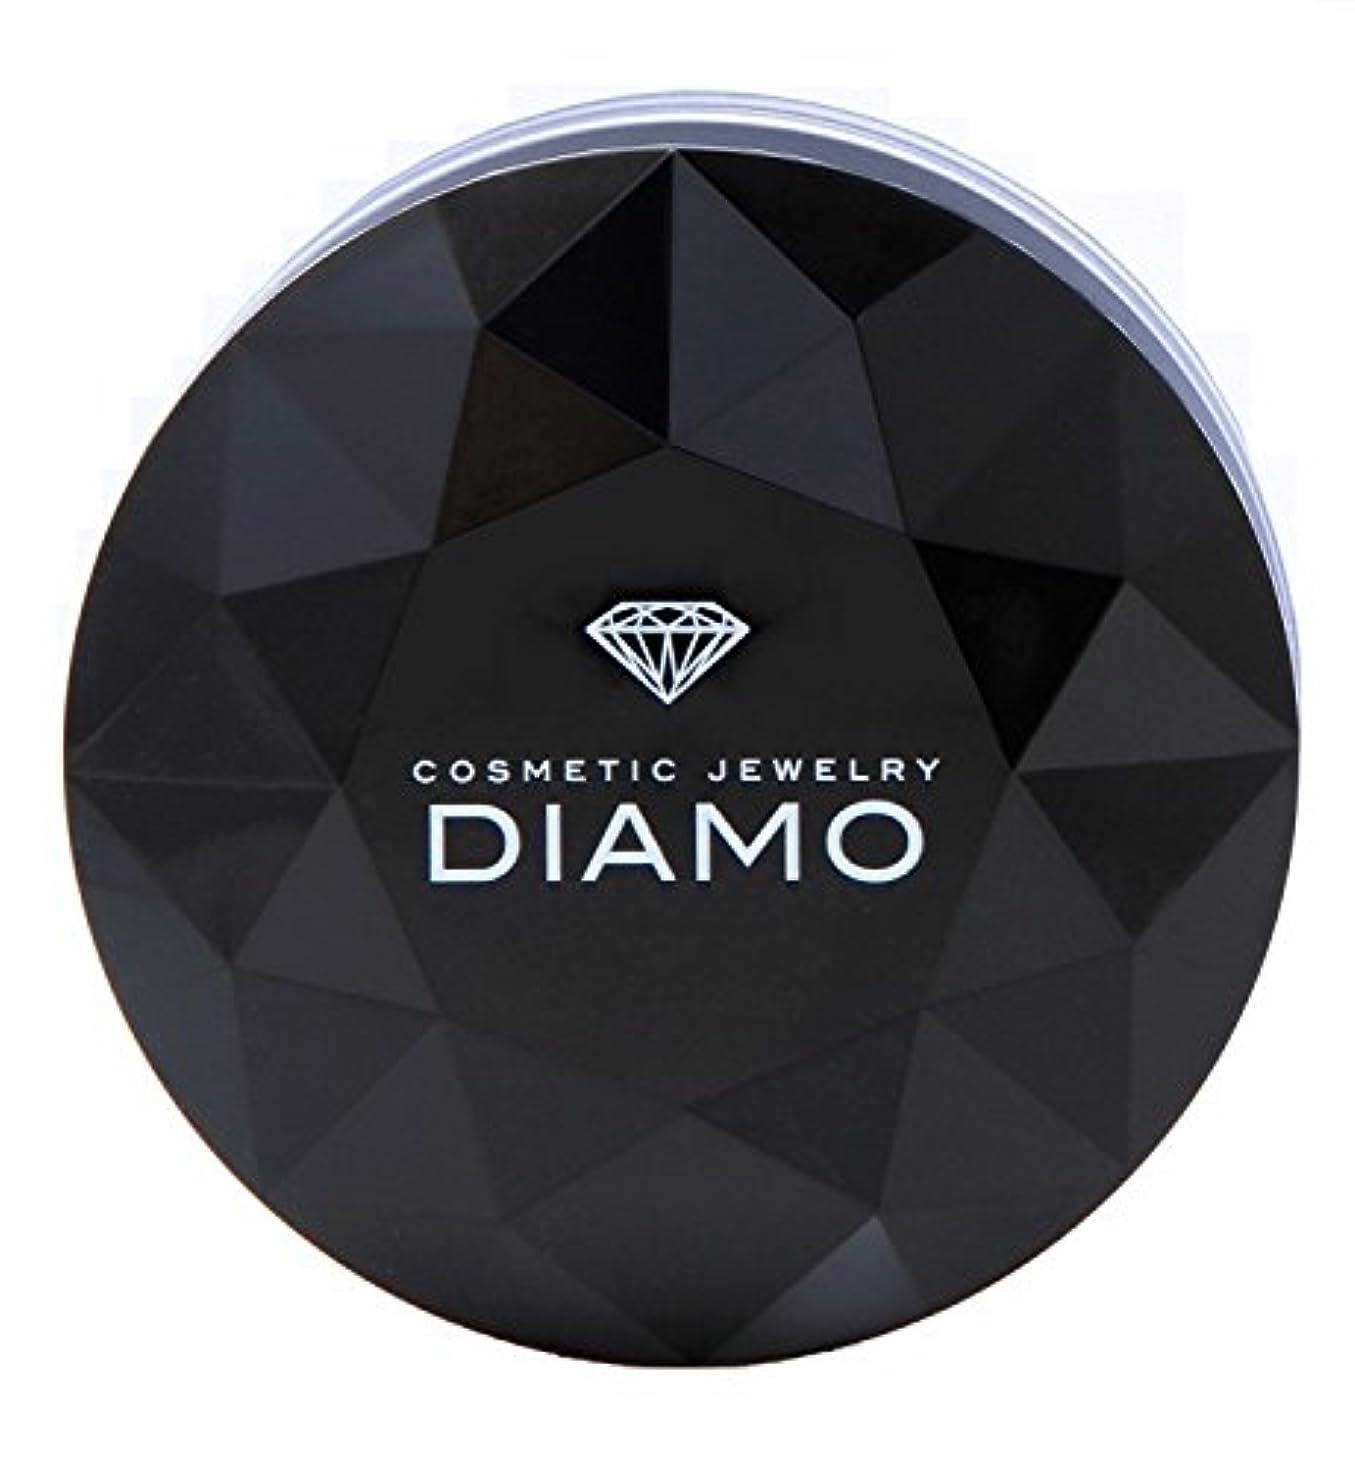 多年生効能それにもかかわらずDIAMO (ディアモ) ルースパウダー 8g